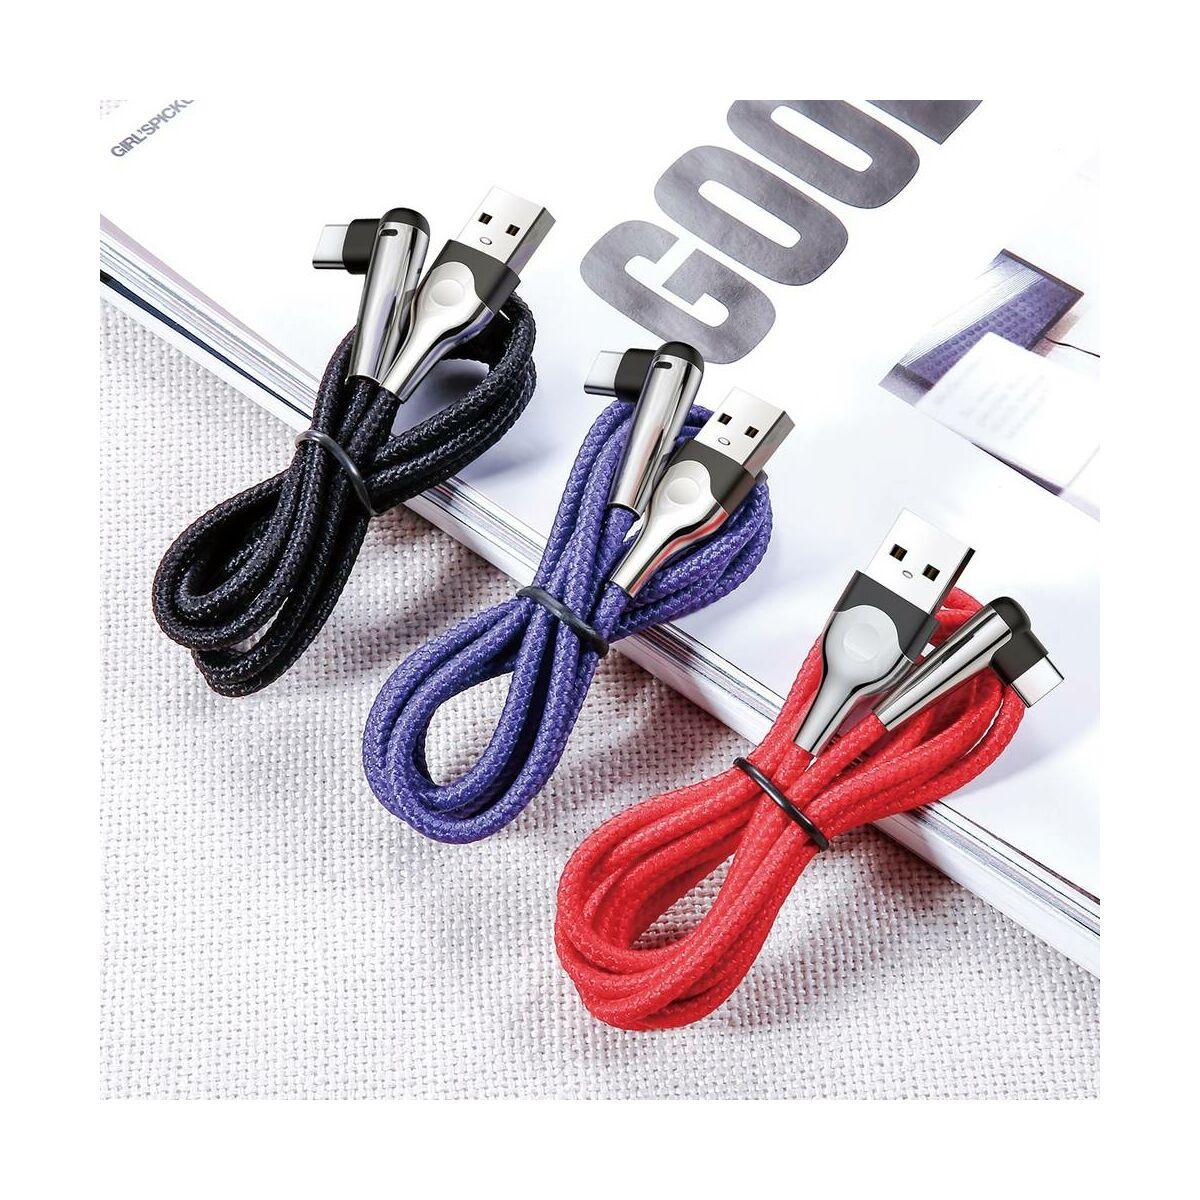 Baseus Type-C kábel, Sharp-bird Mobile Game, L-alakú csatlakozó, töltés/státusz-jelző LED, 3A, 1m, fekete (CATMVP-D01)